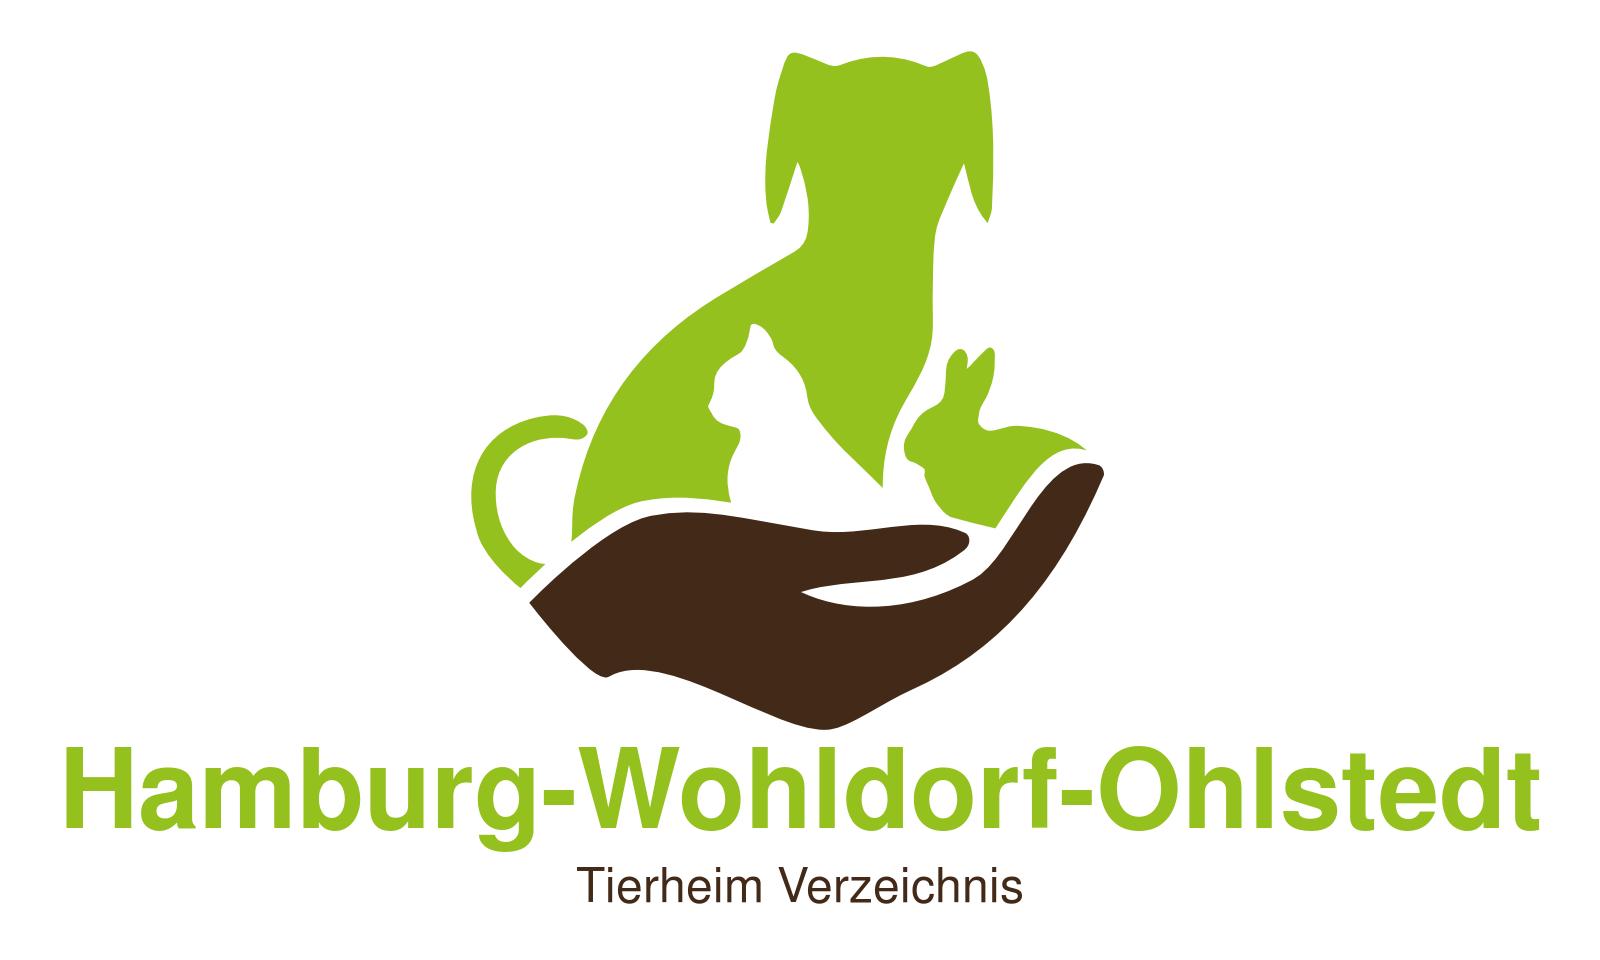 Tierheim Hamburg Wohldorf-Ohlstedt